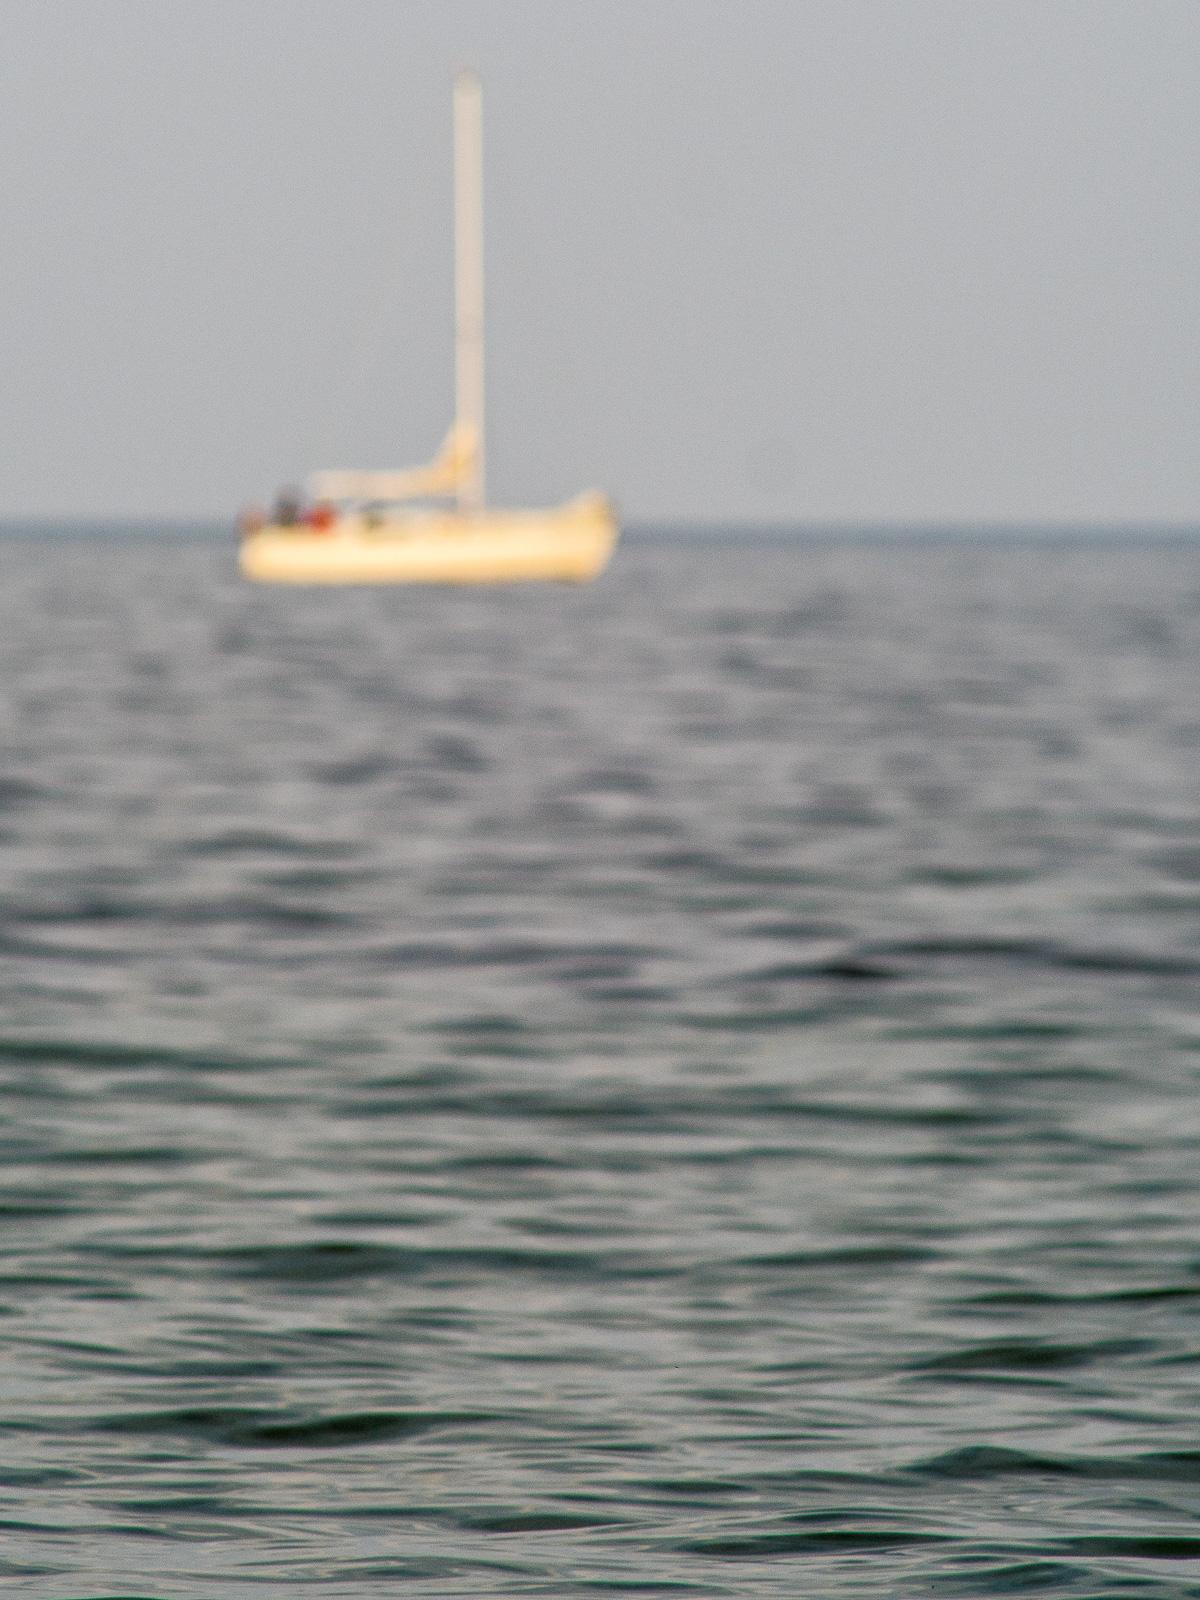 unscharfes Segelboot mit Wasser im Vordergrund